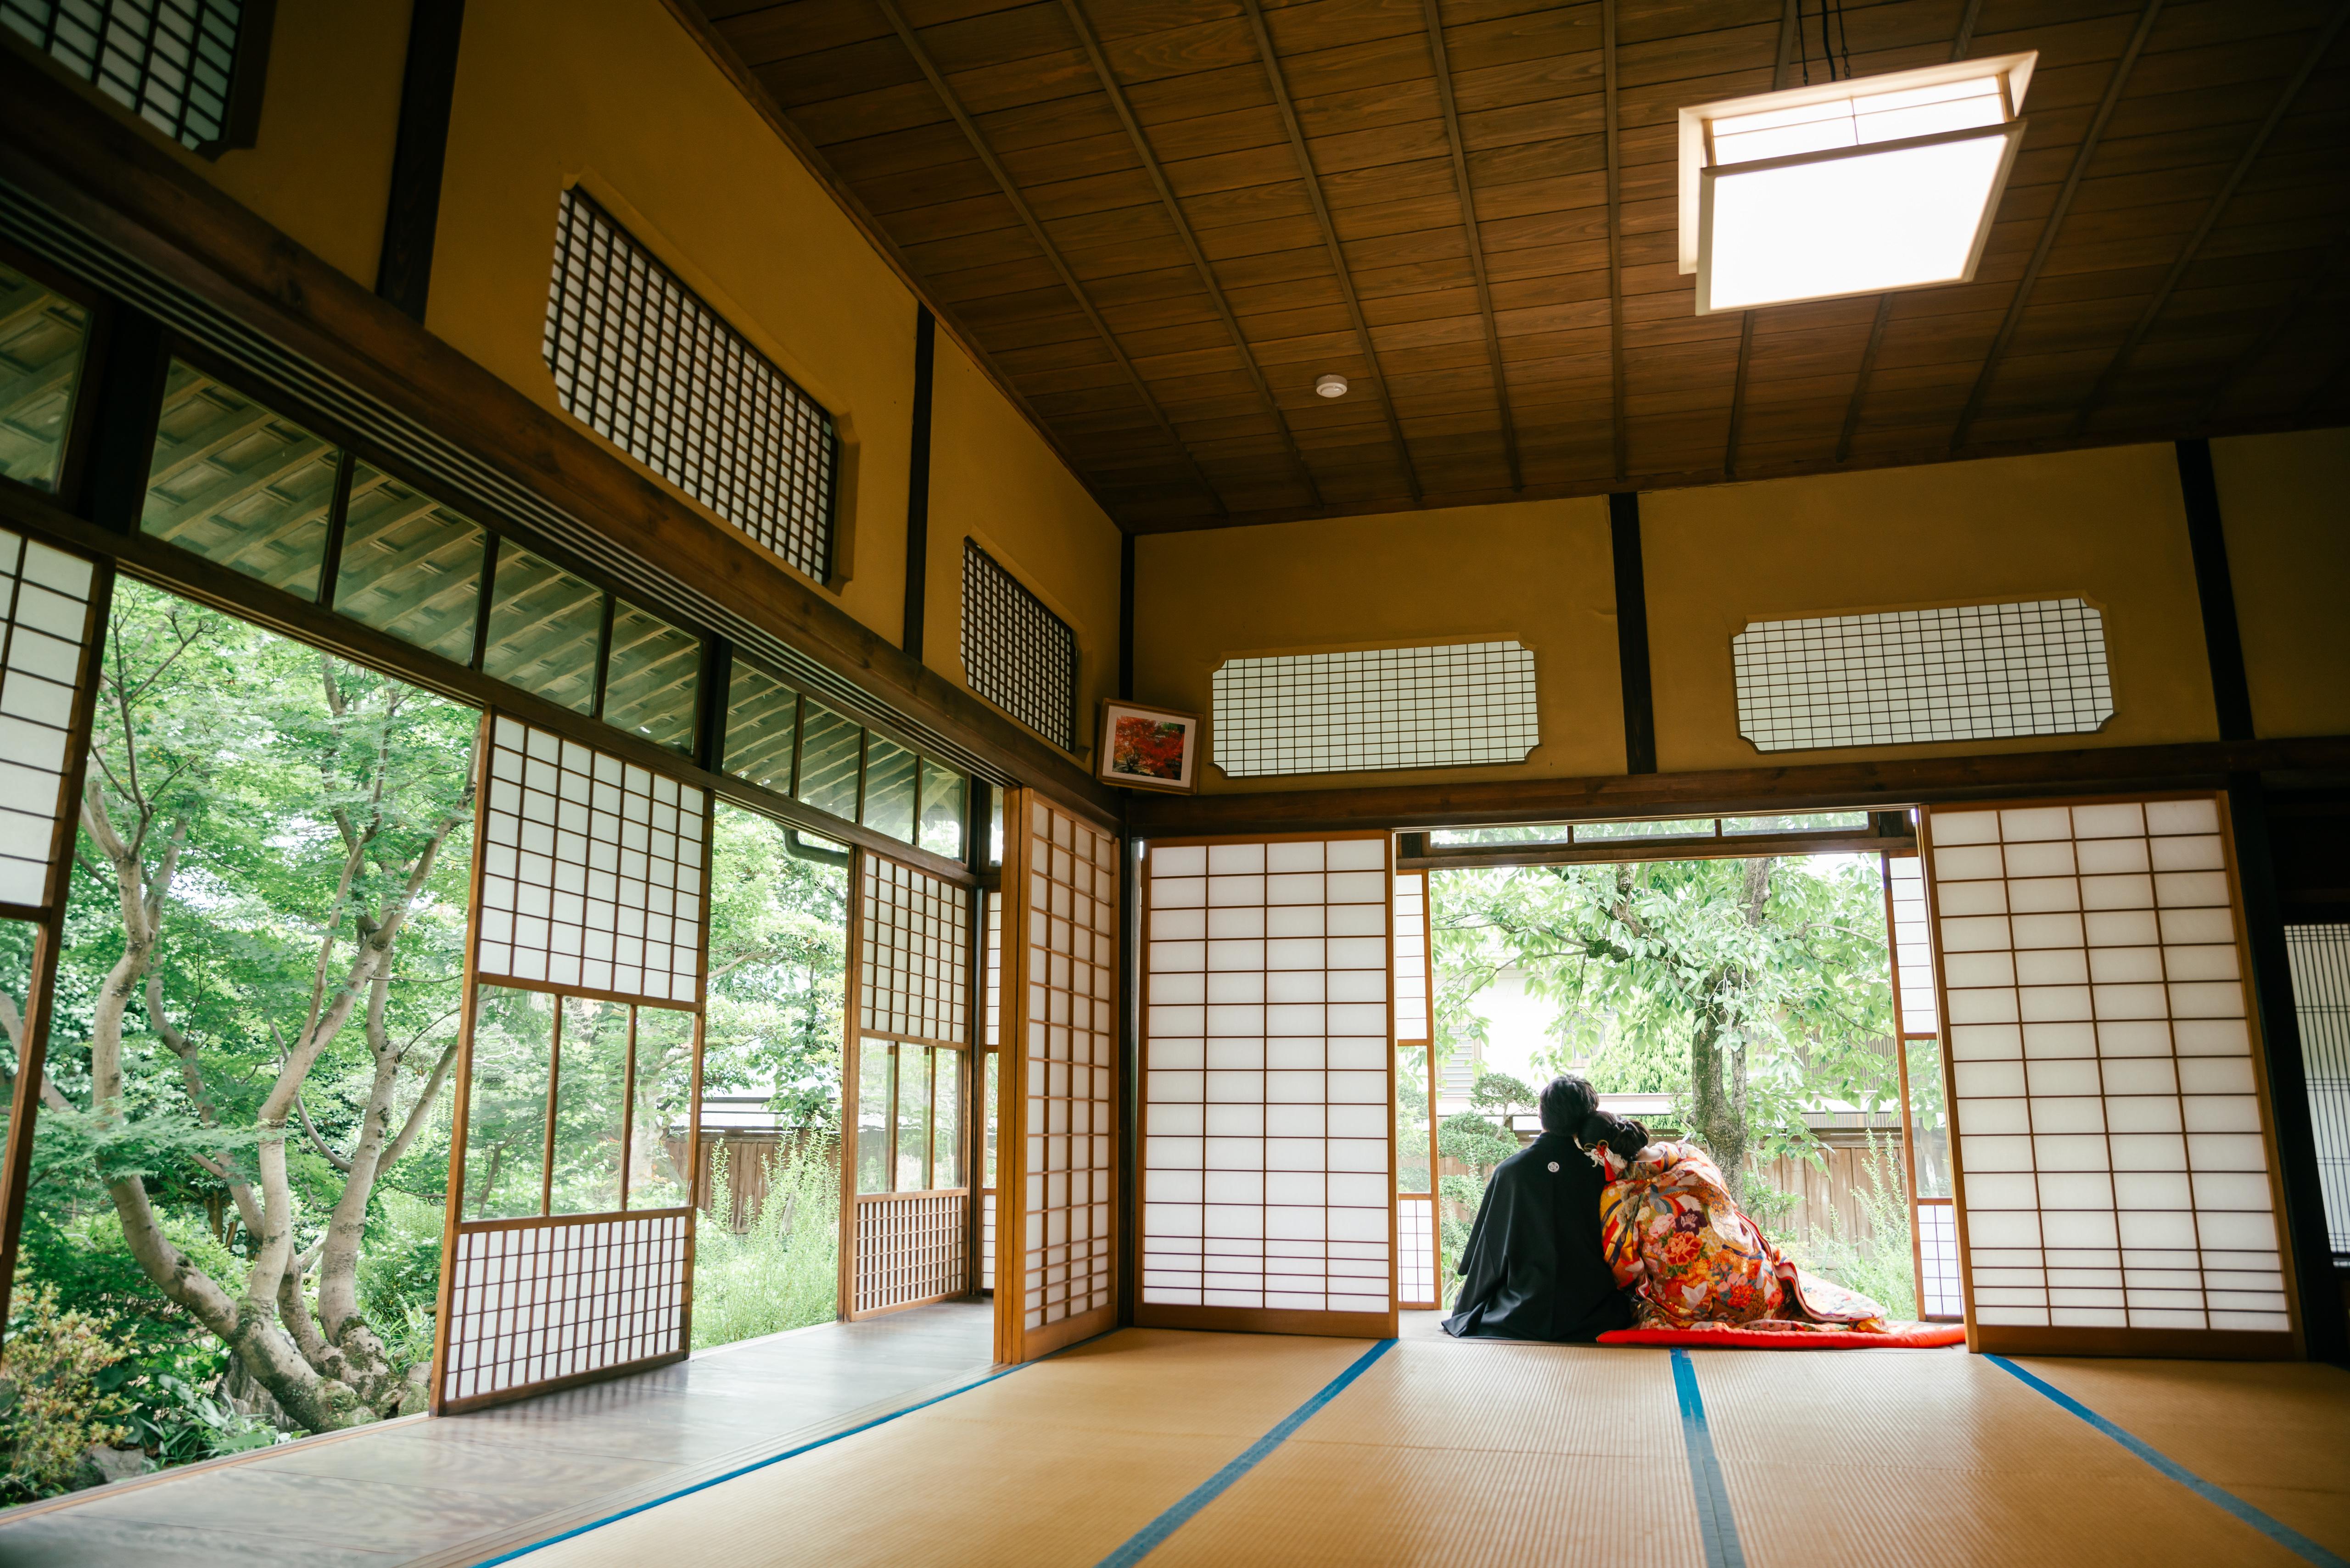 鏡田屋敷|フォトウェディング・前撮りに人気のロケーションスポット|福岡・九州でフォトウェディング・前撮りならウェディングセレクト!フォトウェディング